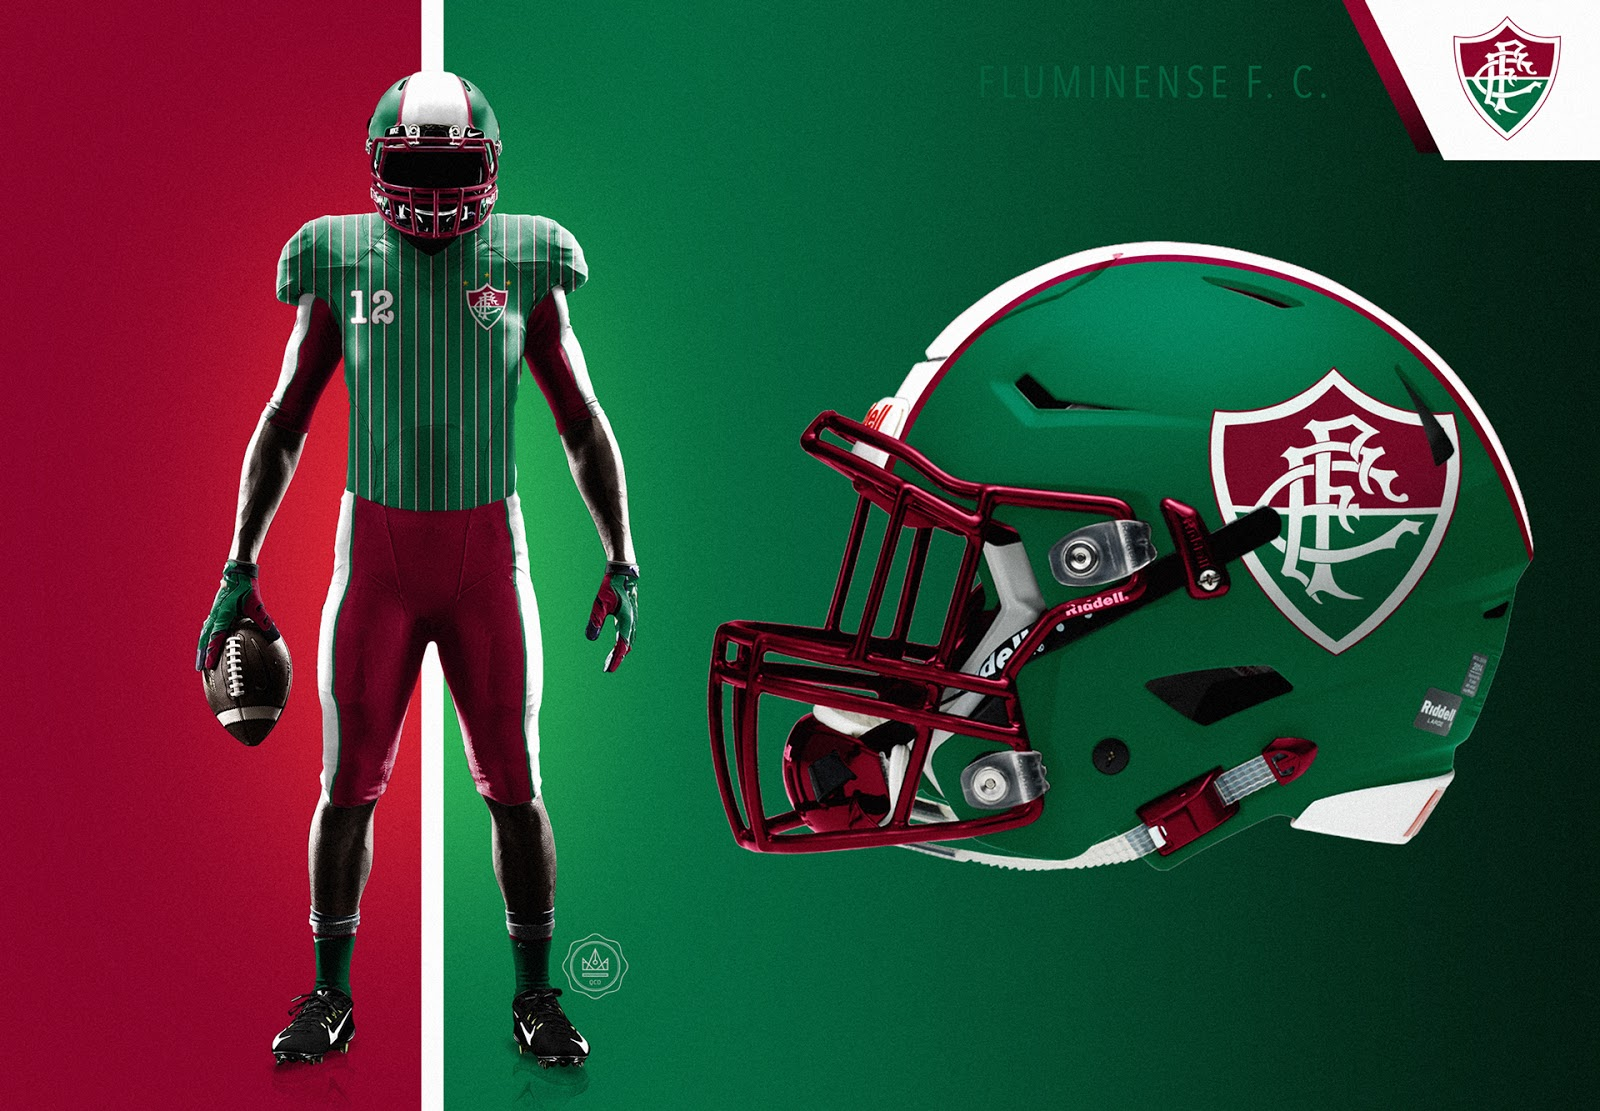 e8a5d7afb8 Designer cria camisas de futebol americano para clubes brasileiros ...